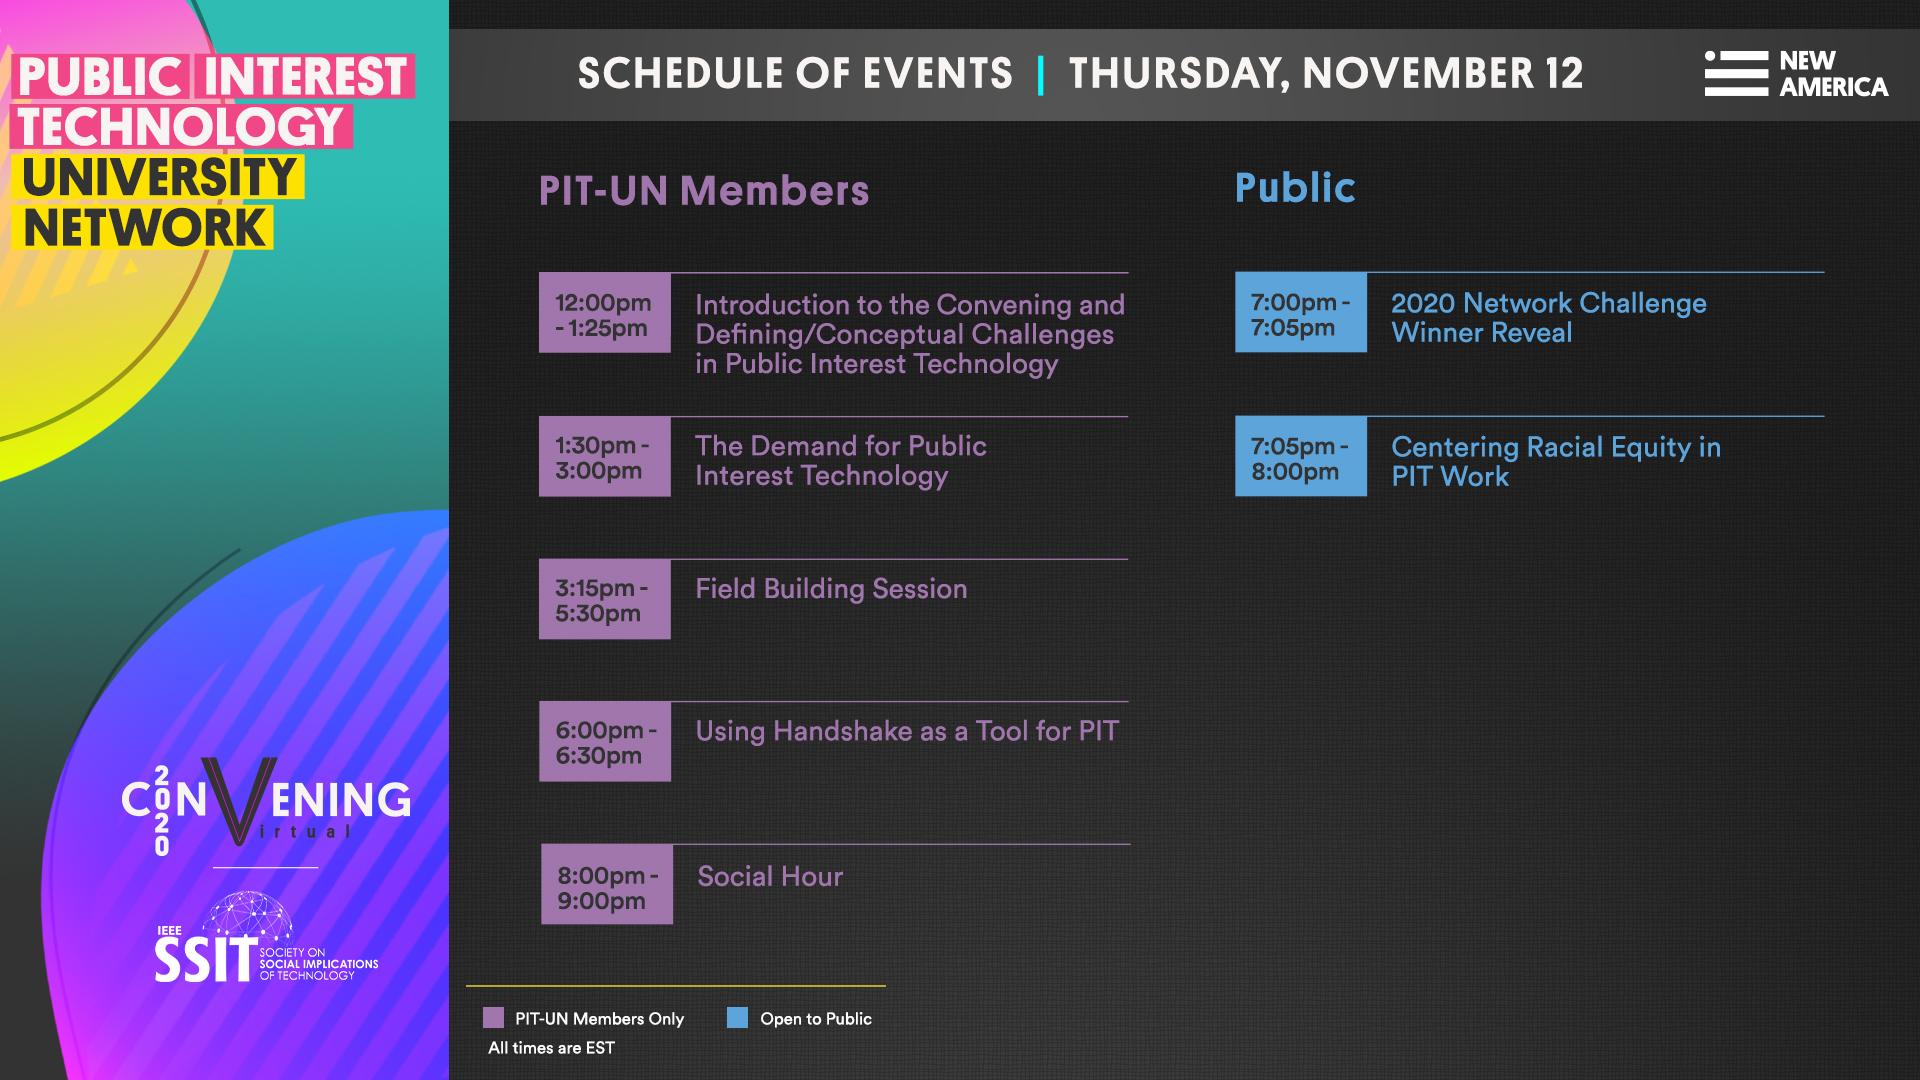 Thursday, November 12